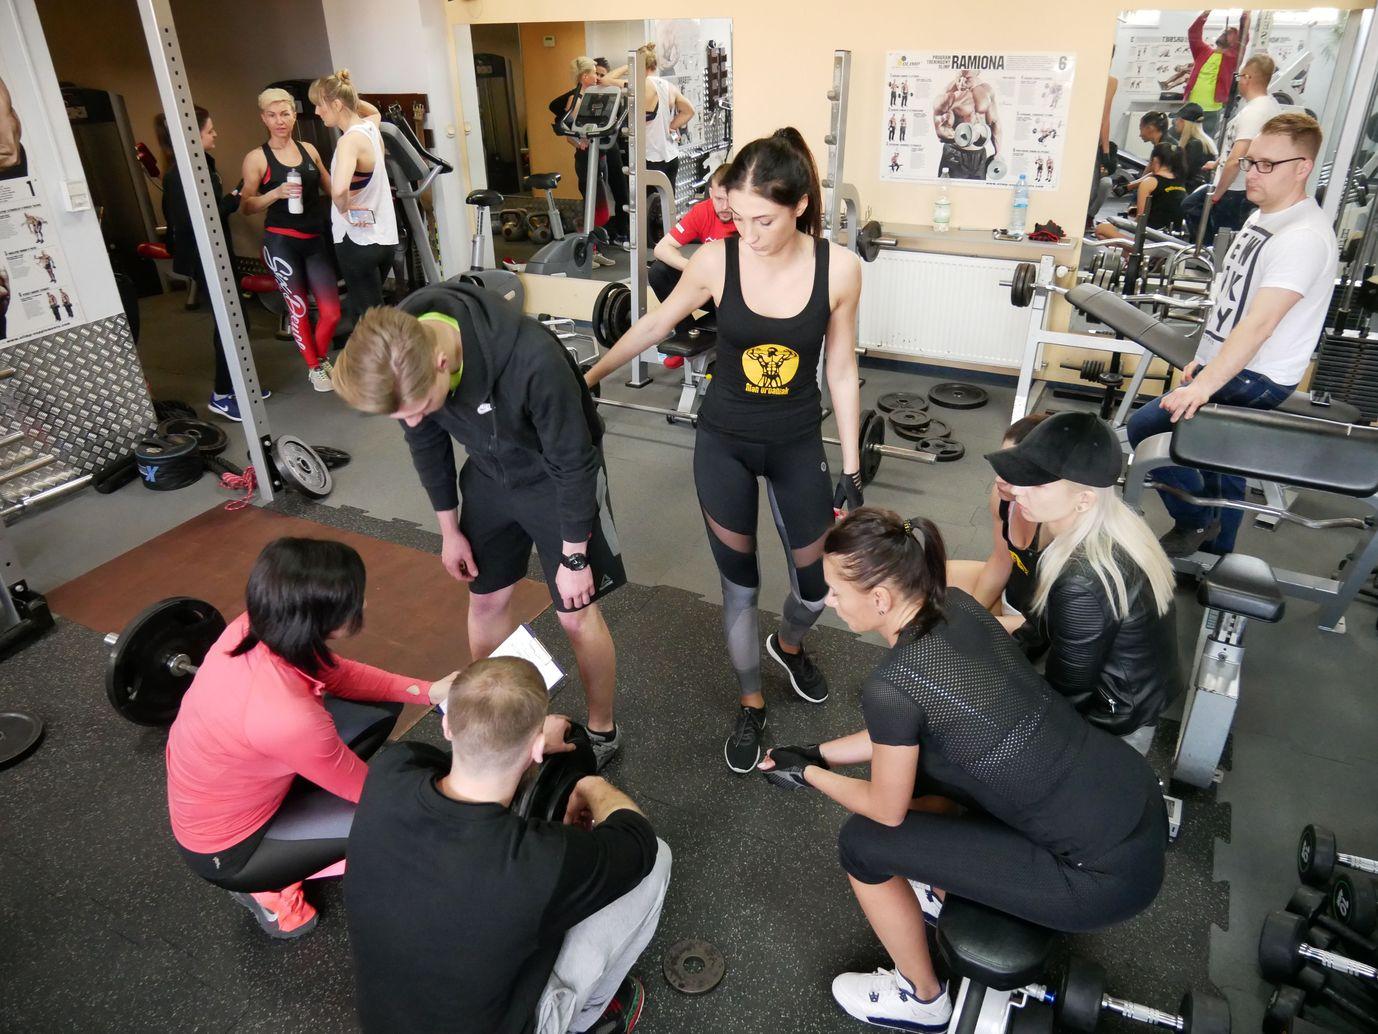 Zawody Martwy Ciąg Pleszew Fitness Klub Active Fit ul. Traugutta 30 siłownia trening personalny 14